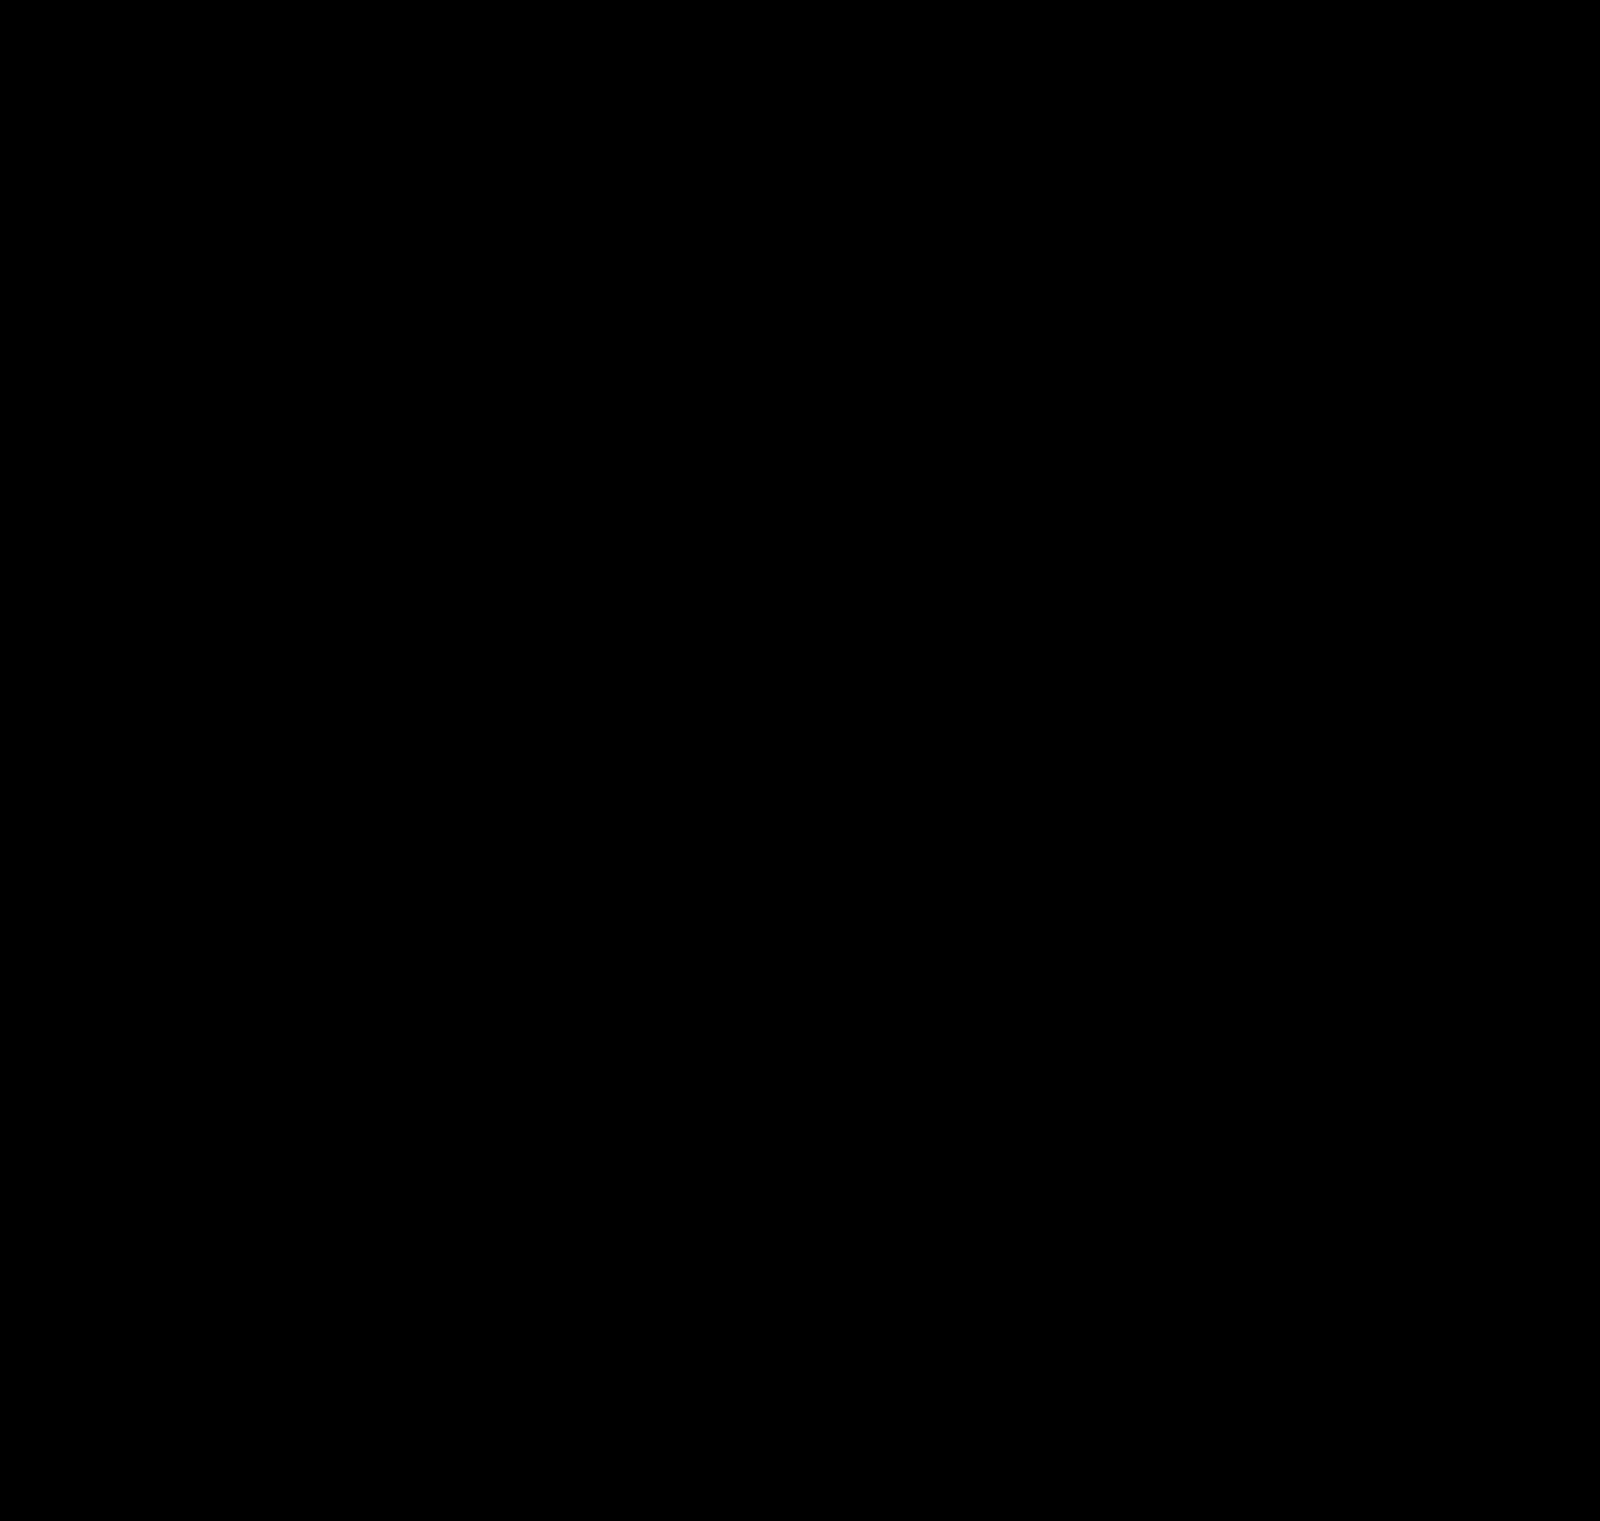 SVG Clip arts